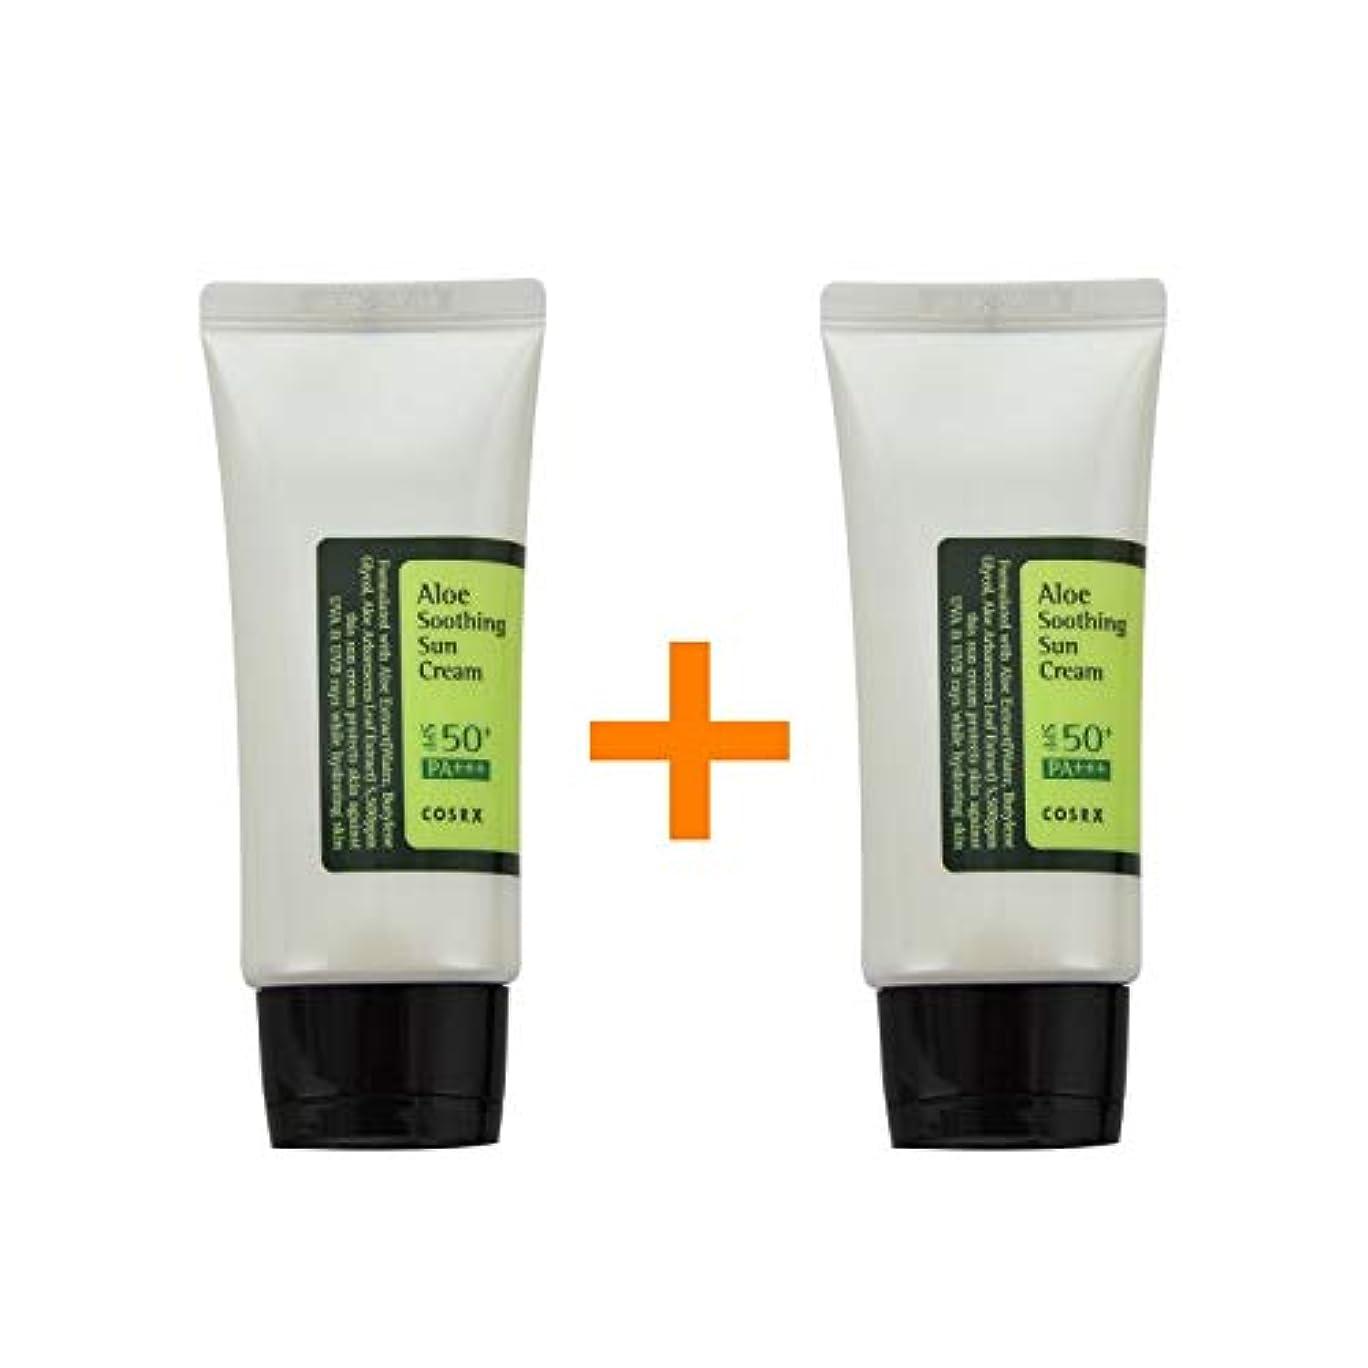 [ 1 + 1 ] COSRX コースアールエックス アロエ スージング サンクリーム Aloe Soothing sun cream (50ml) SPF50+/PA+++ 韓国日焼け止め